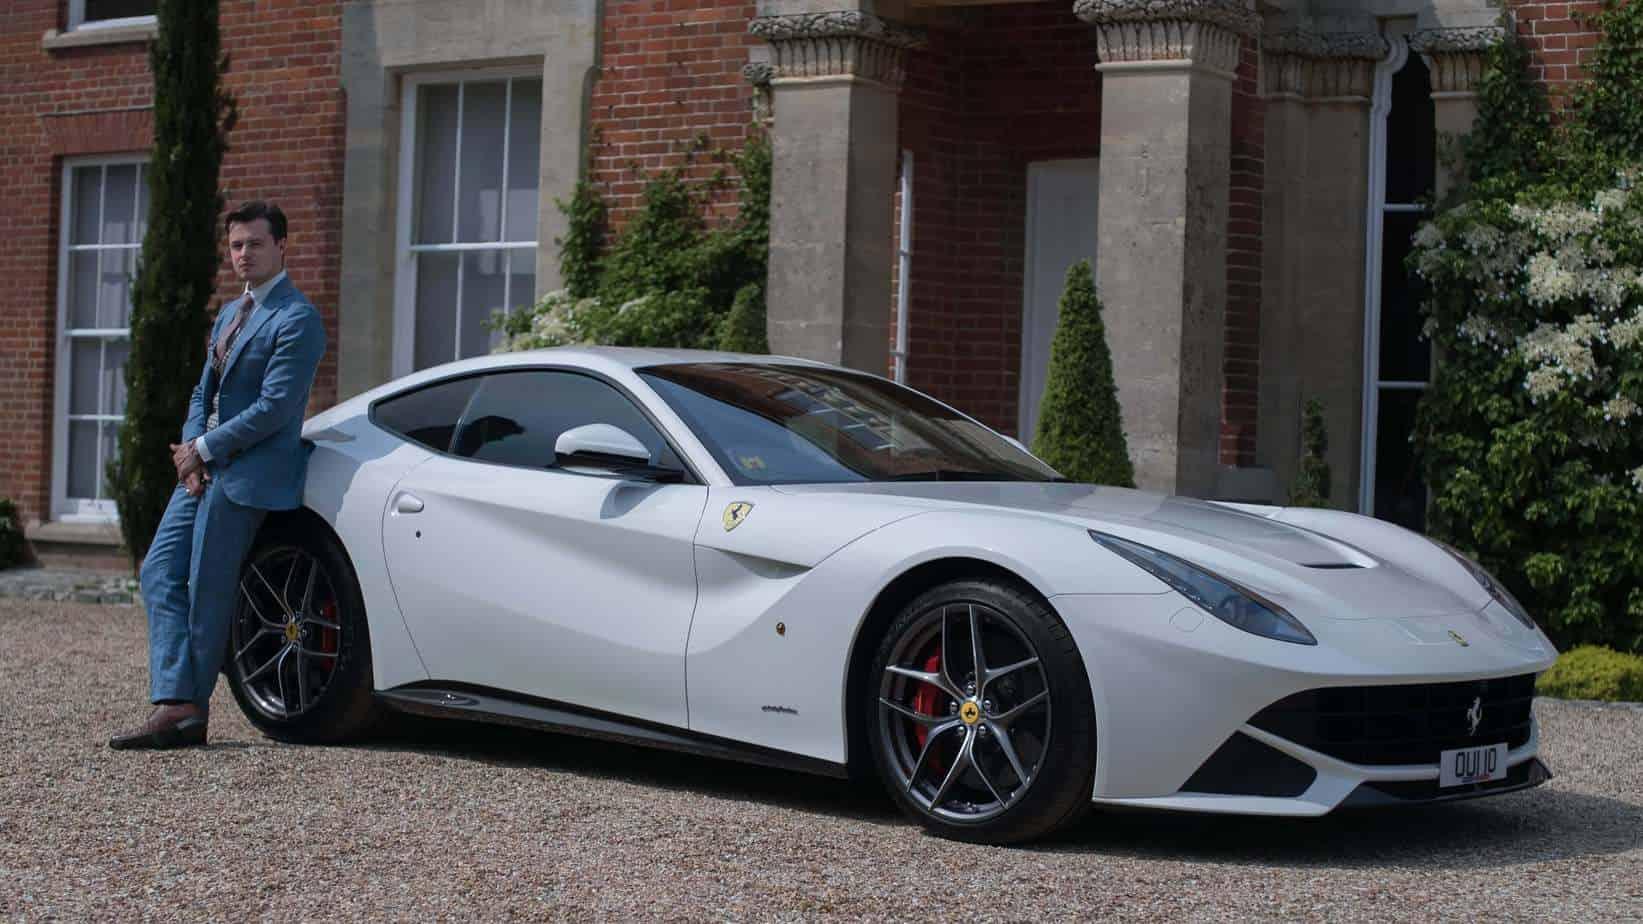 Đánh giá xe Ferrari F12 berlinetta với doanh nhân Quốc Cường 4